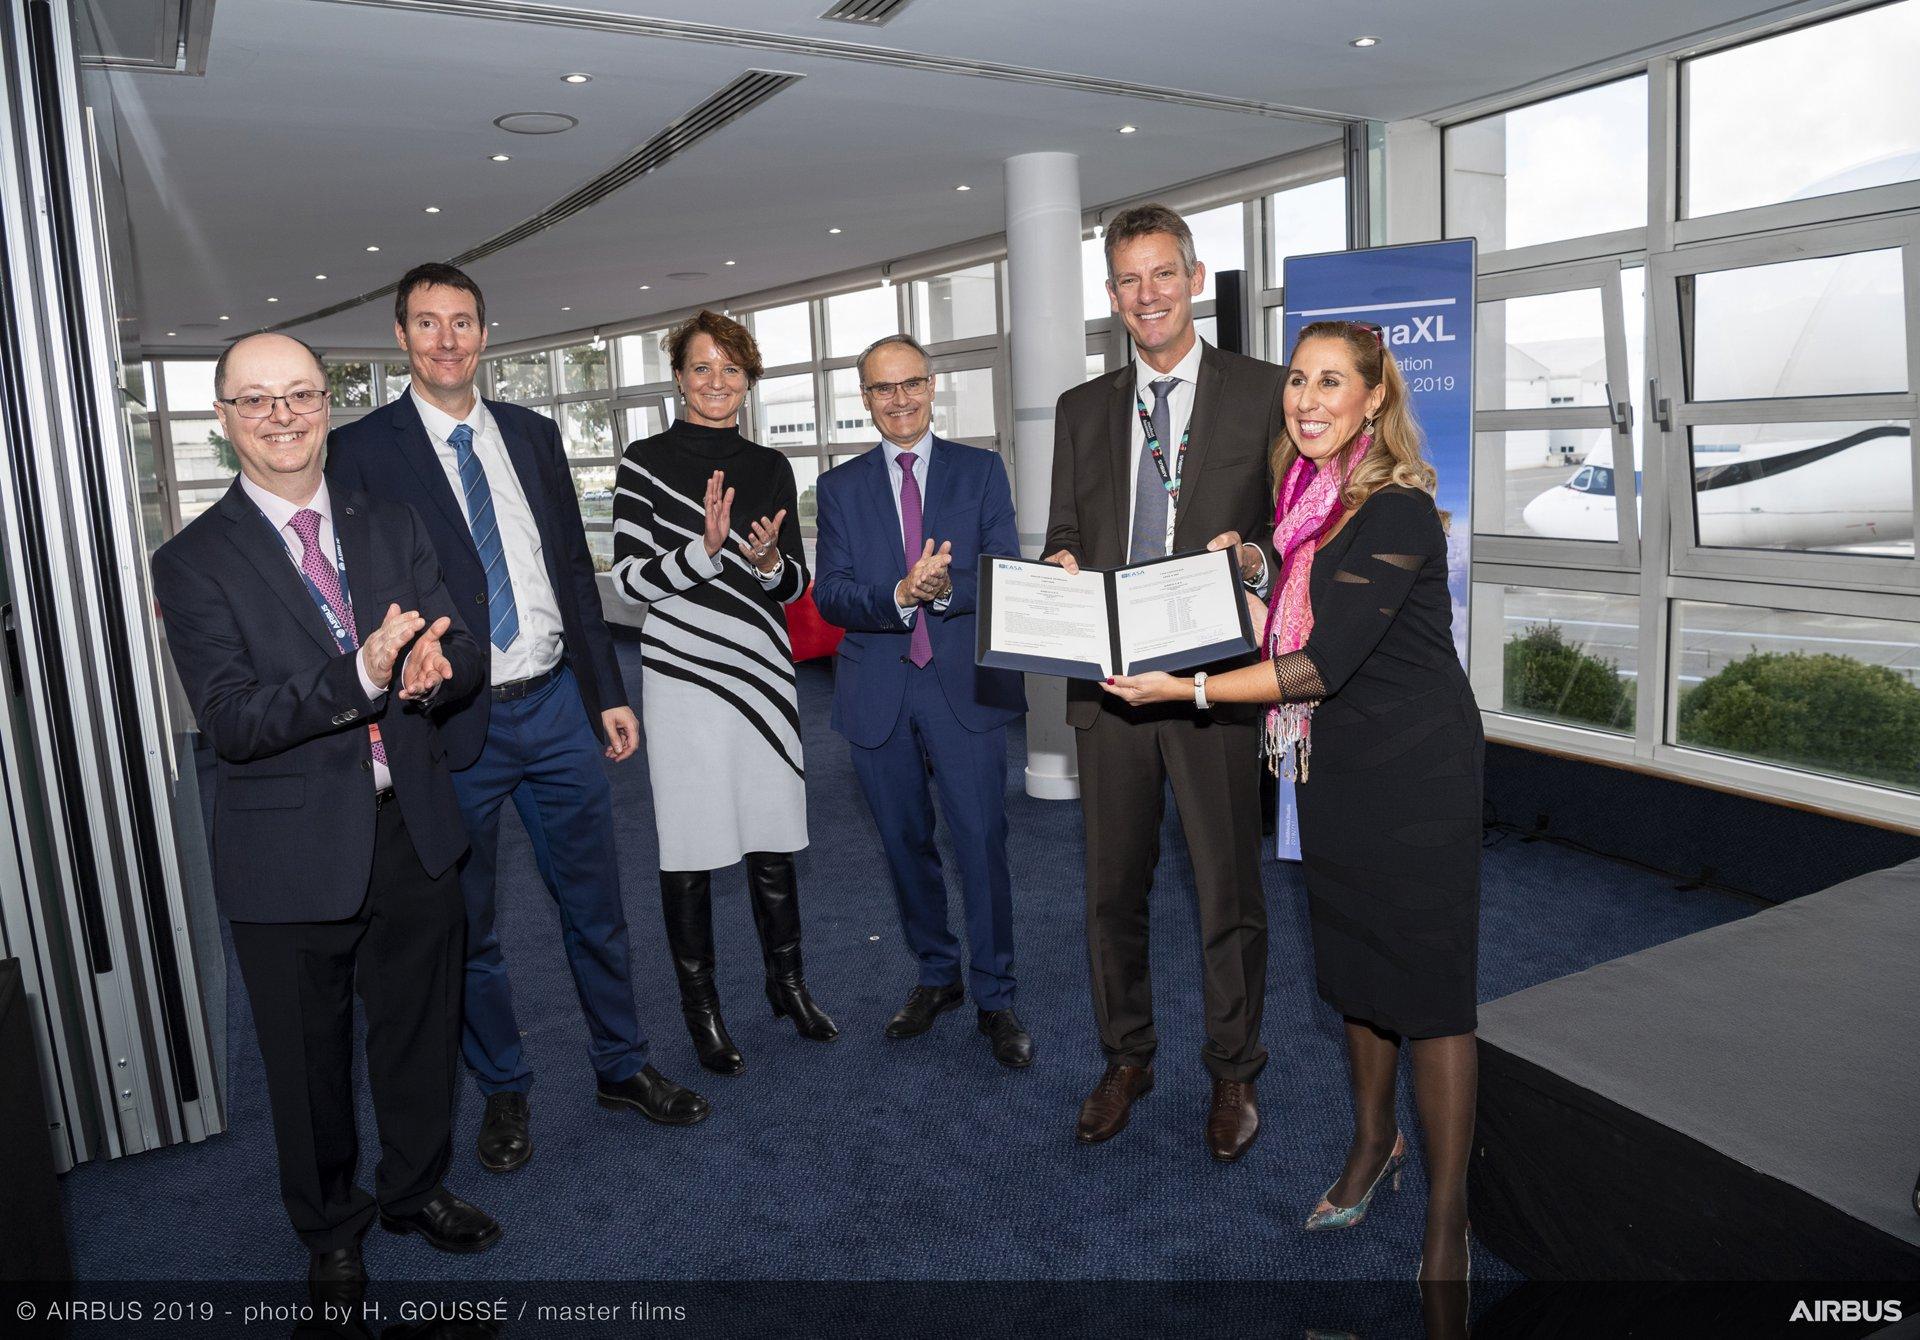 طائرة BelugaXL تحصل على شهادة الجودة من الوكالة الأوروبية لسلامة الطيران